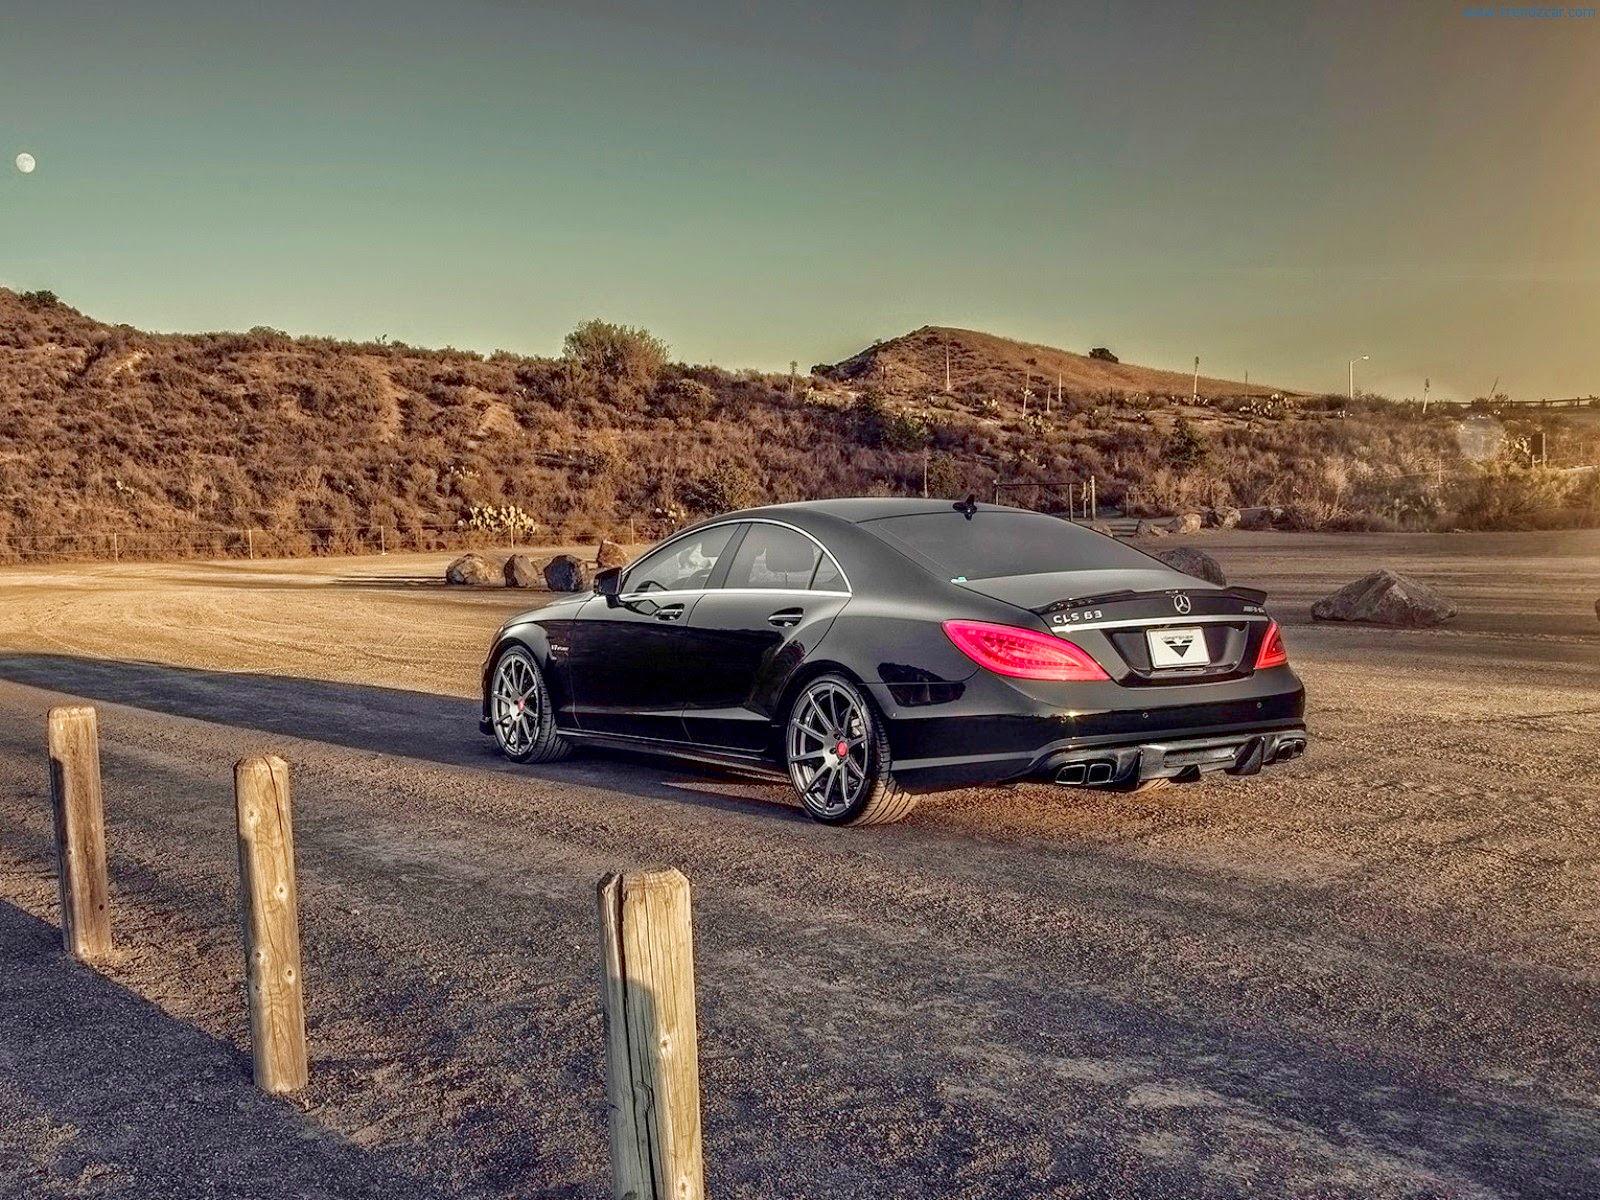 2016 Mercedes Benz Amg E 63 Sedan >> Mercedes-Benz CLS63 AMG by Vorsteiner   BENZTUNING